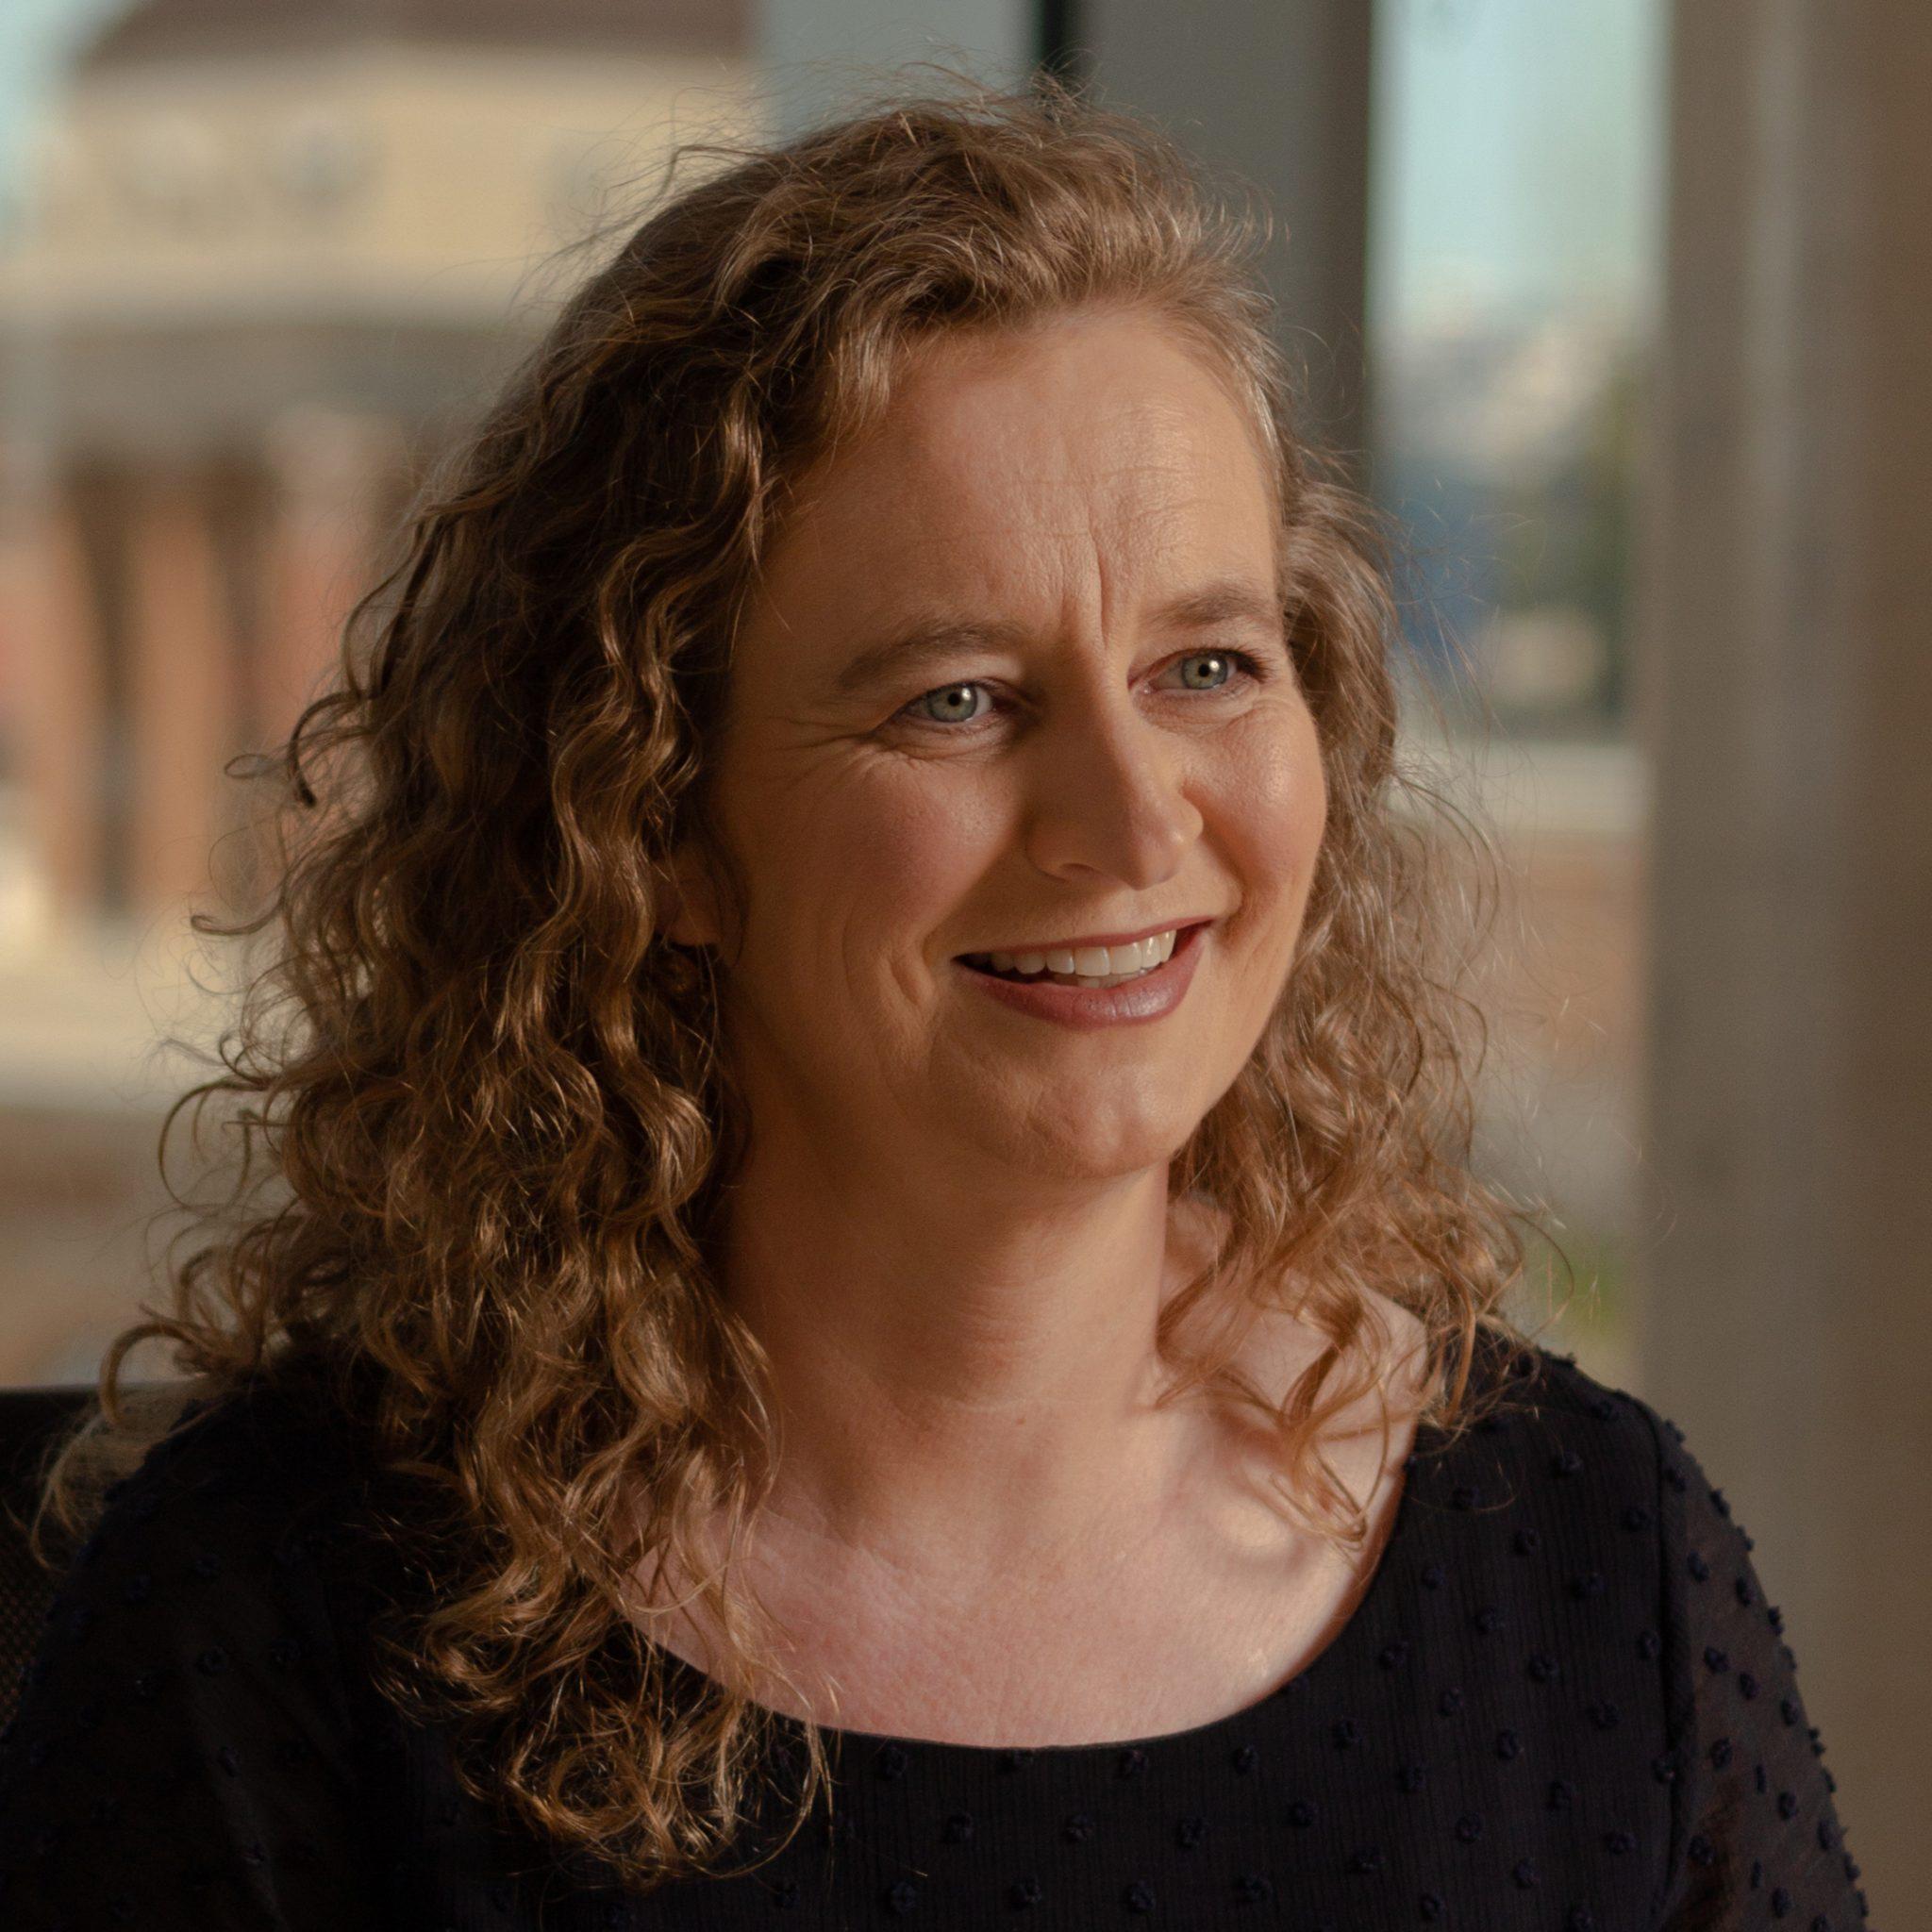 Sarah Breusch